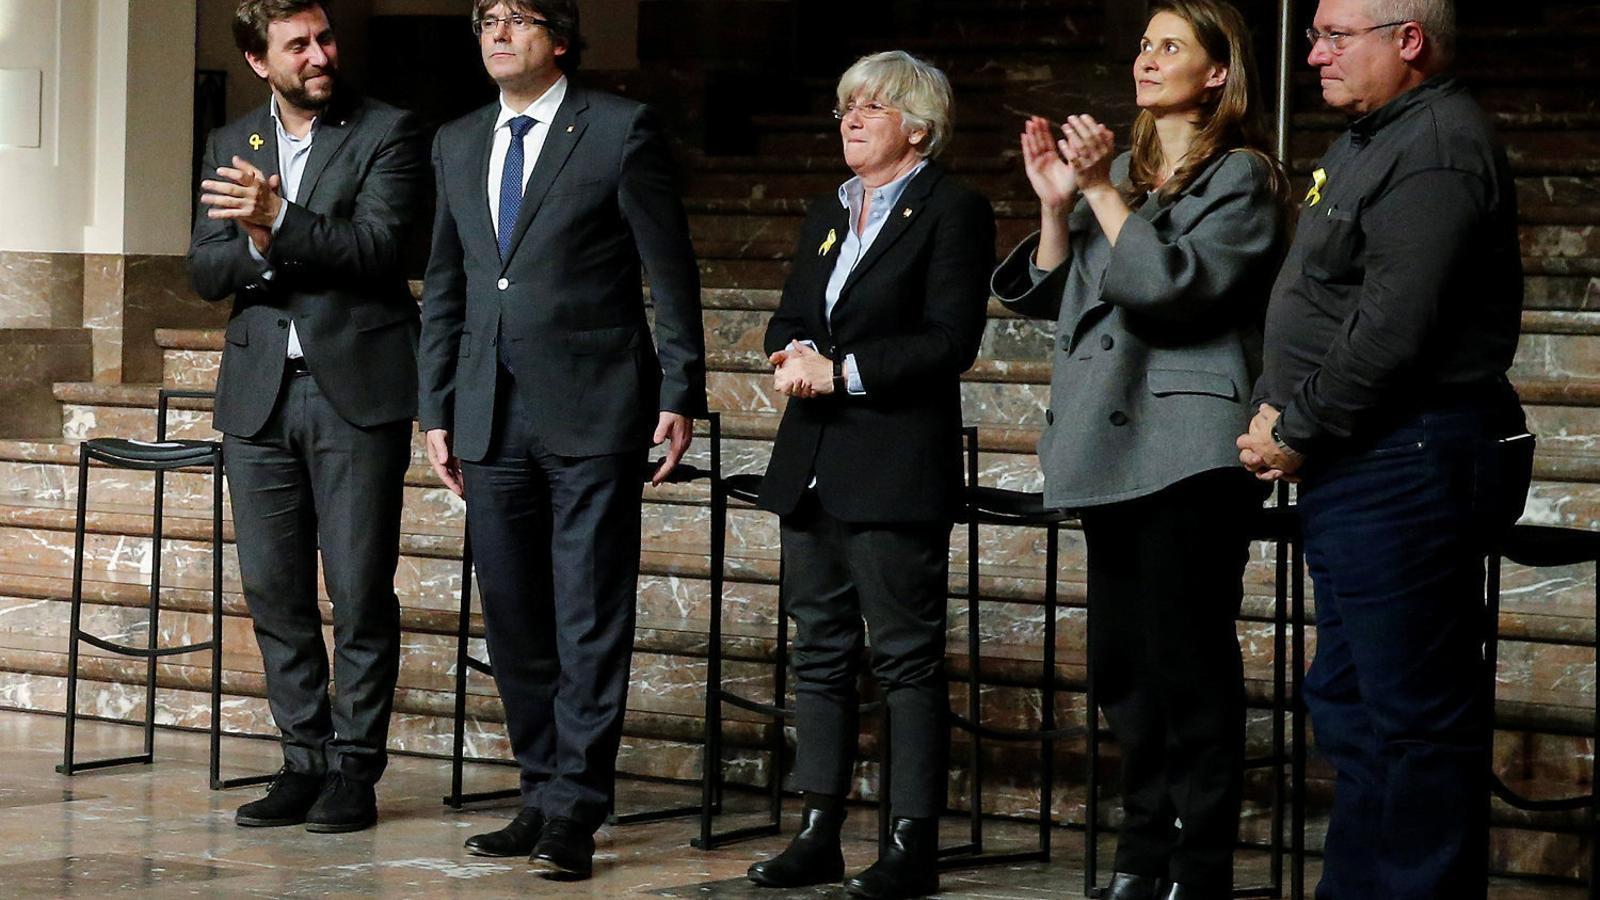 Serret, Puig y Comín compareixen davant el tribunal de primera instància belga que ha de decidir sobre l'euroordre